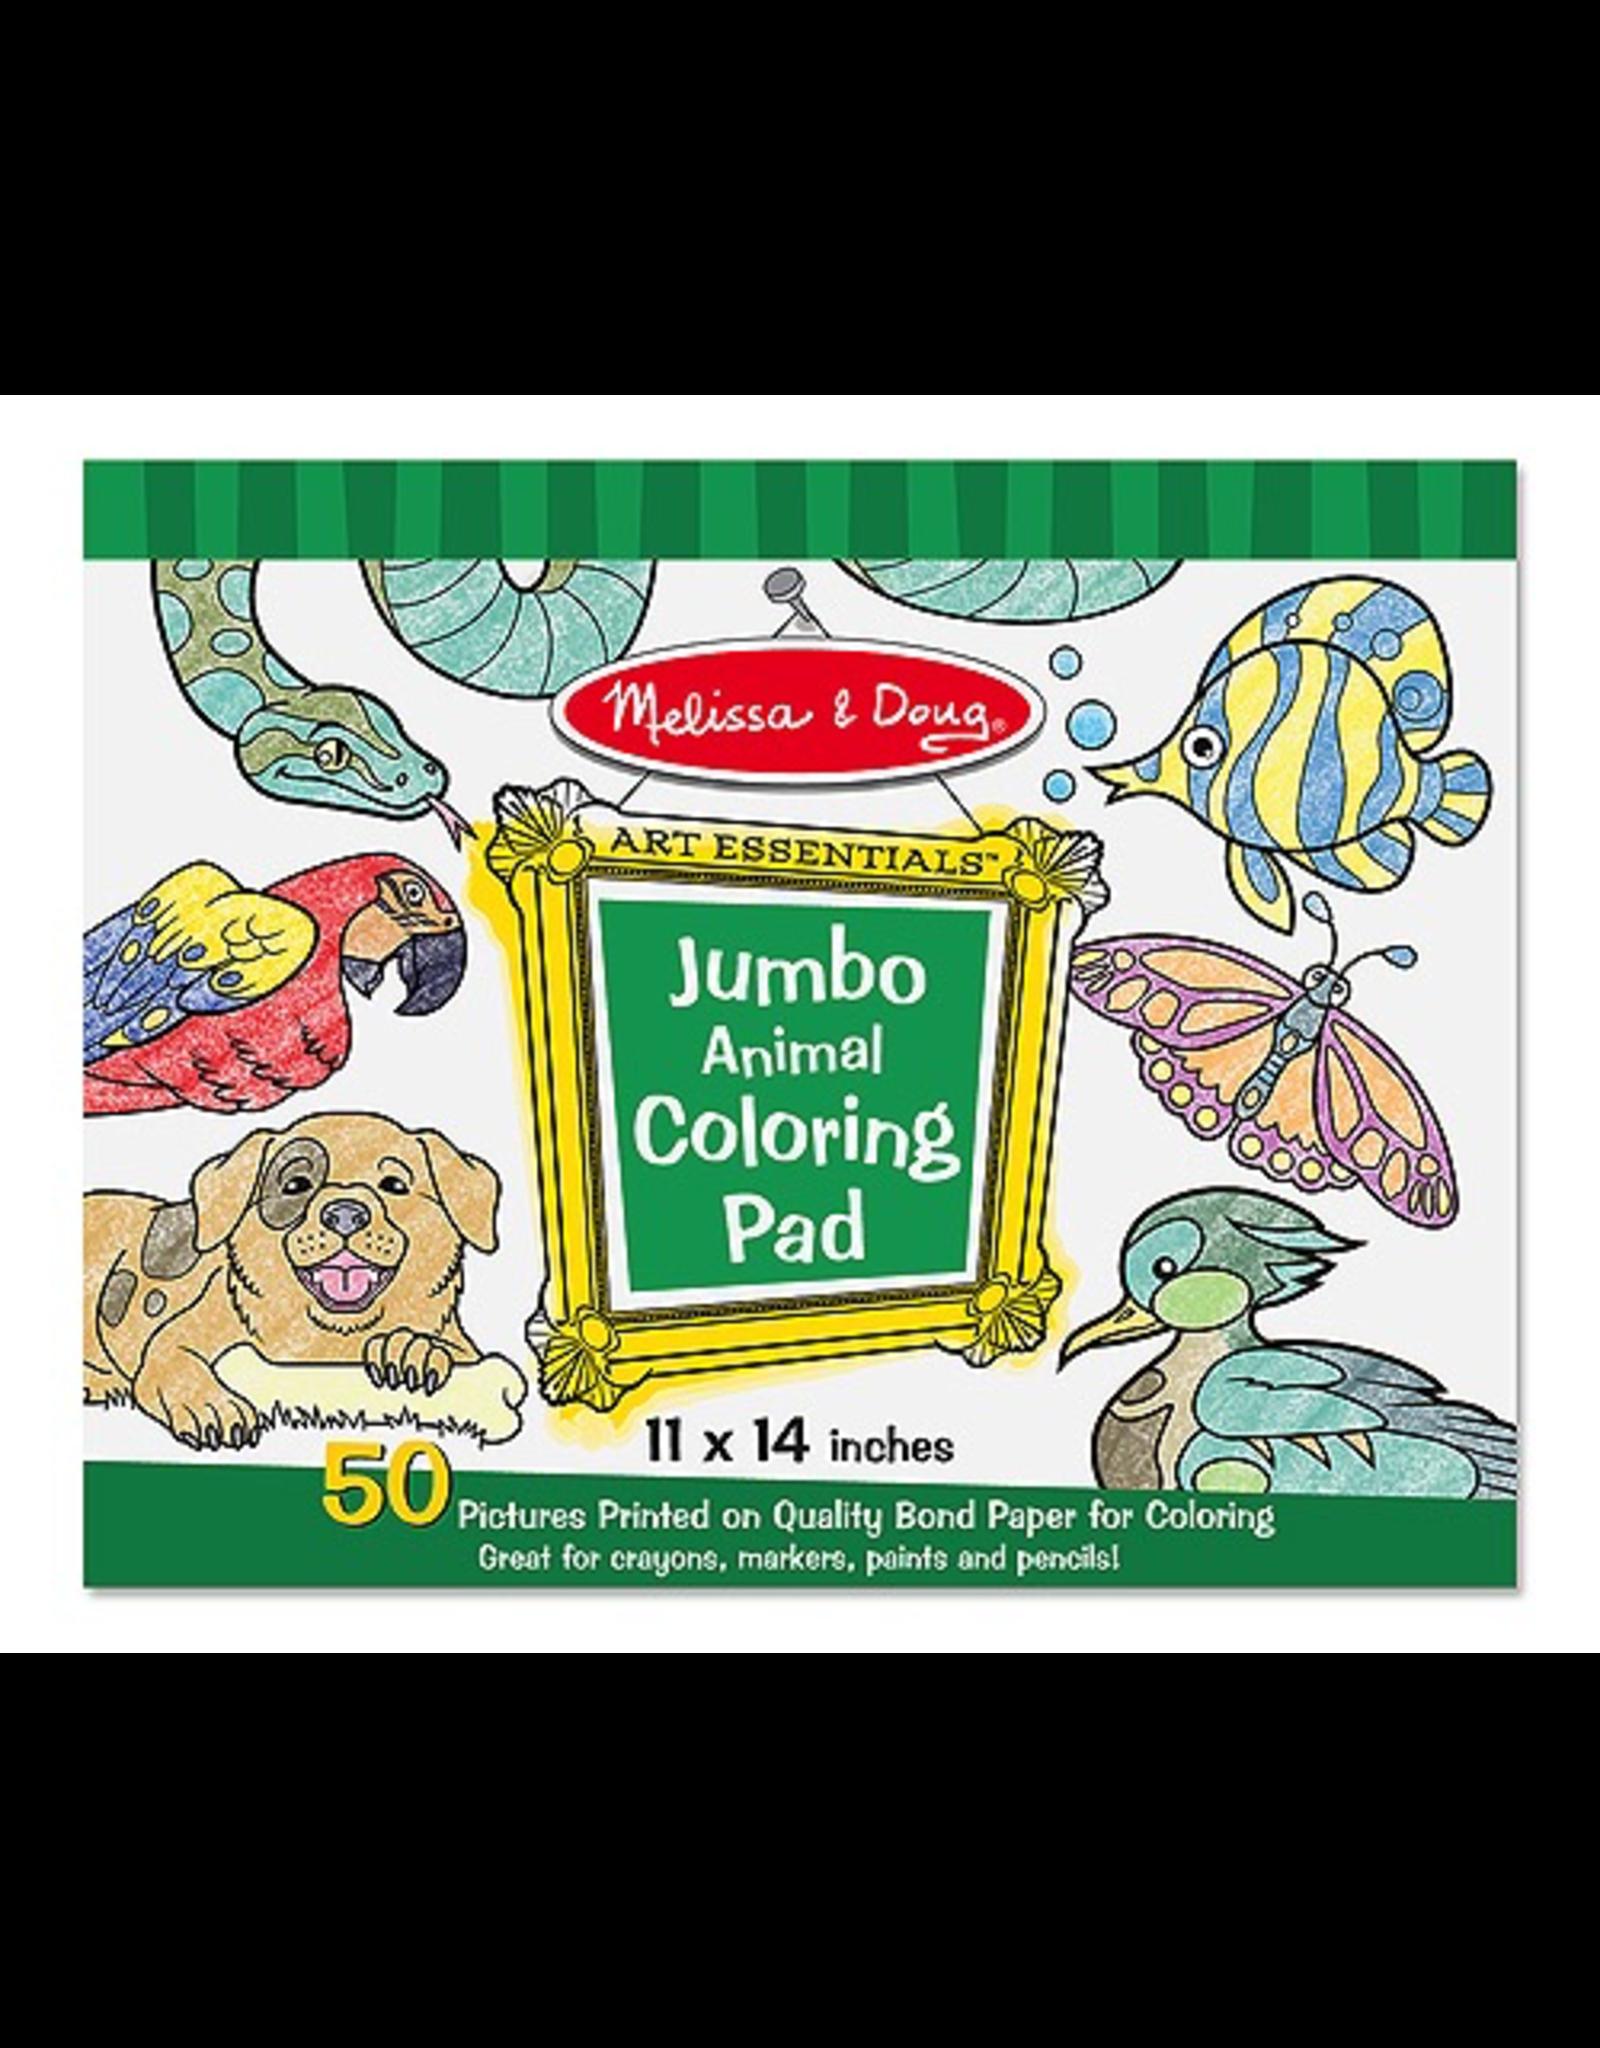 Melissa & Doug Jumbo Colouring Pad  Animal